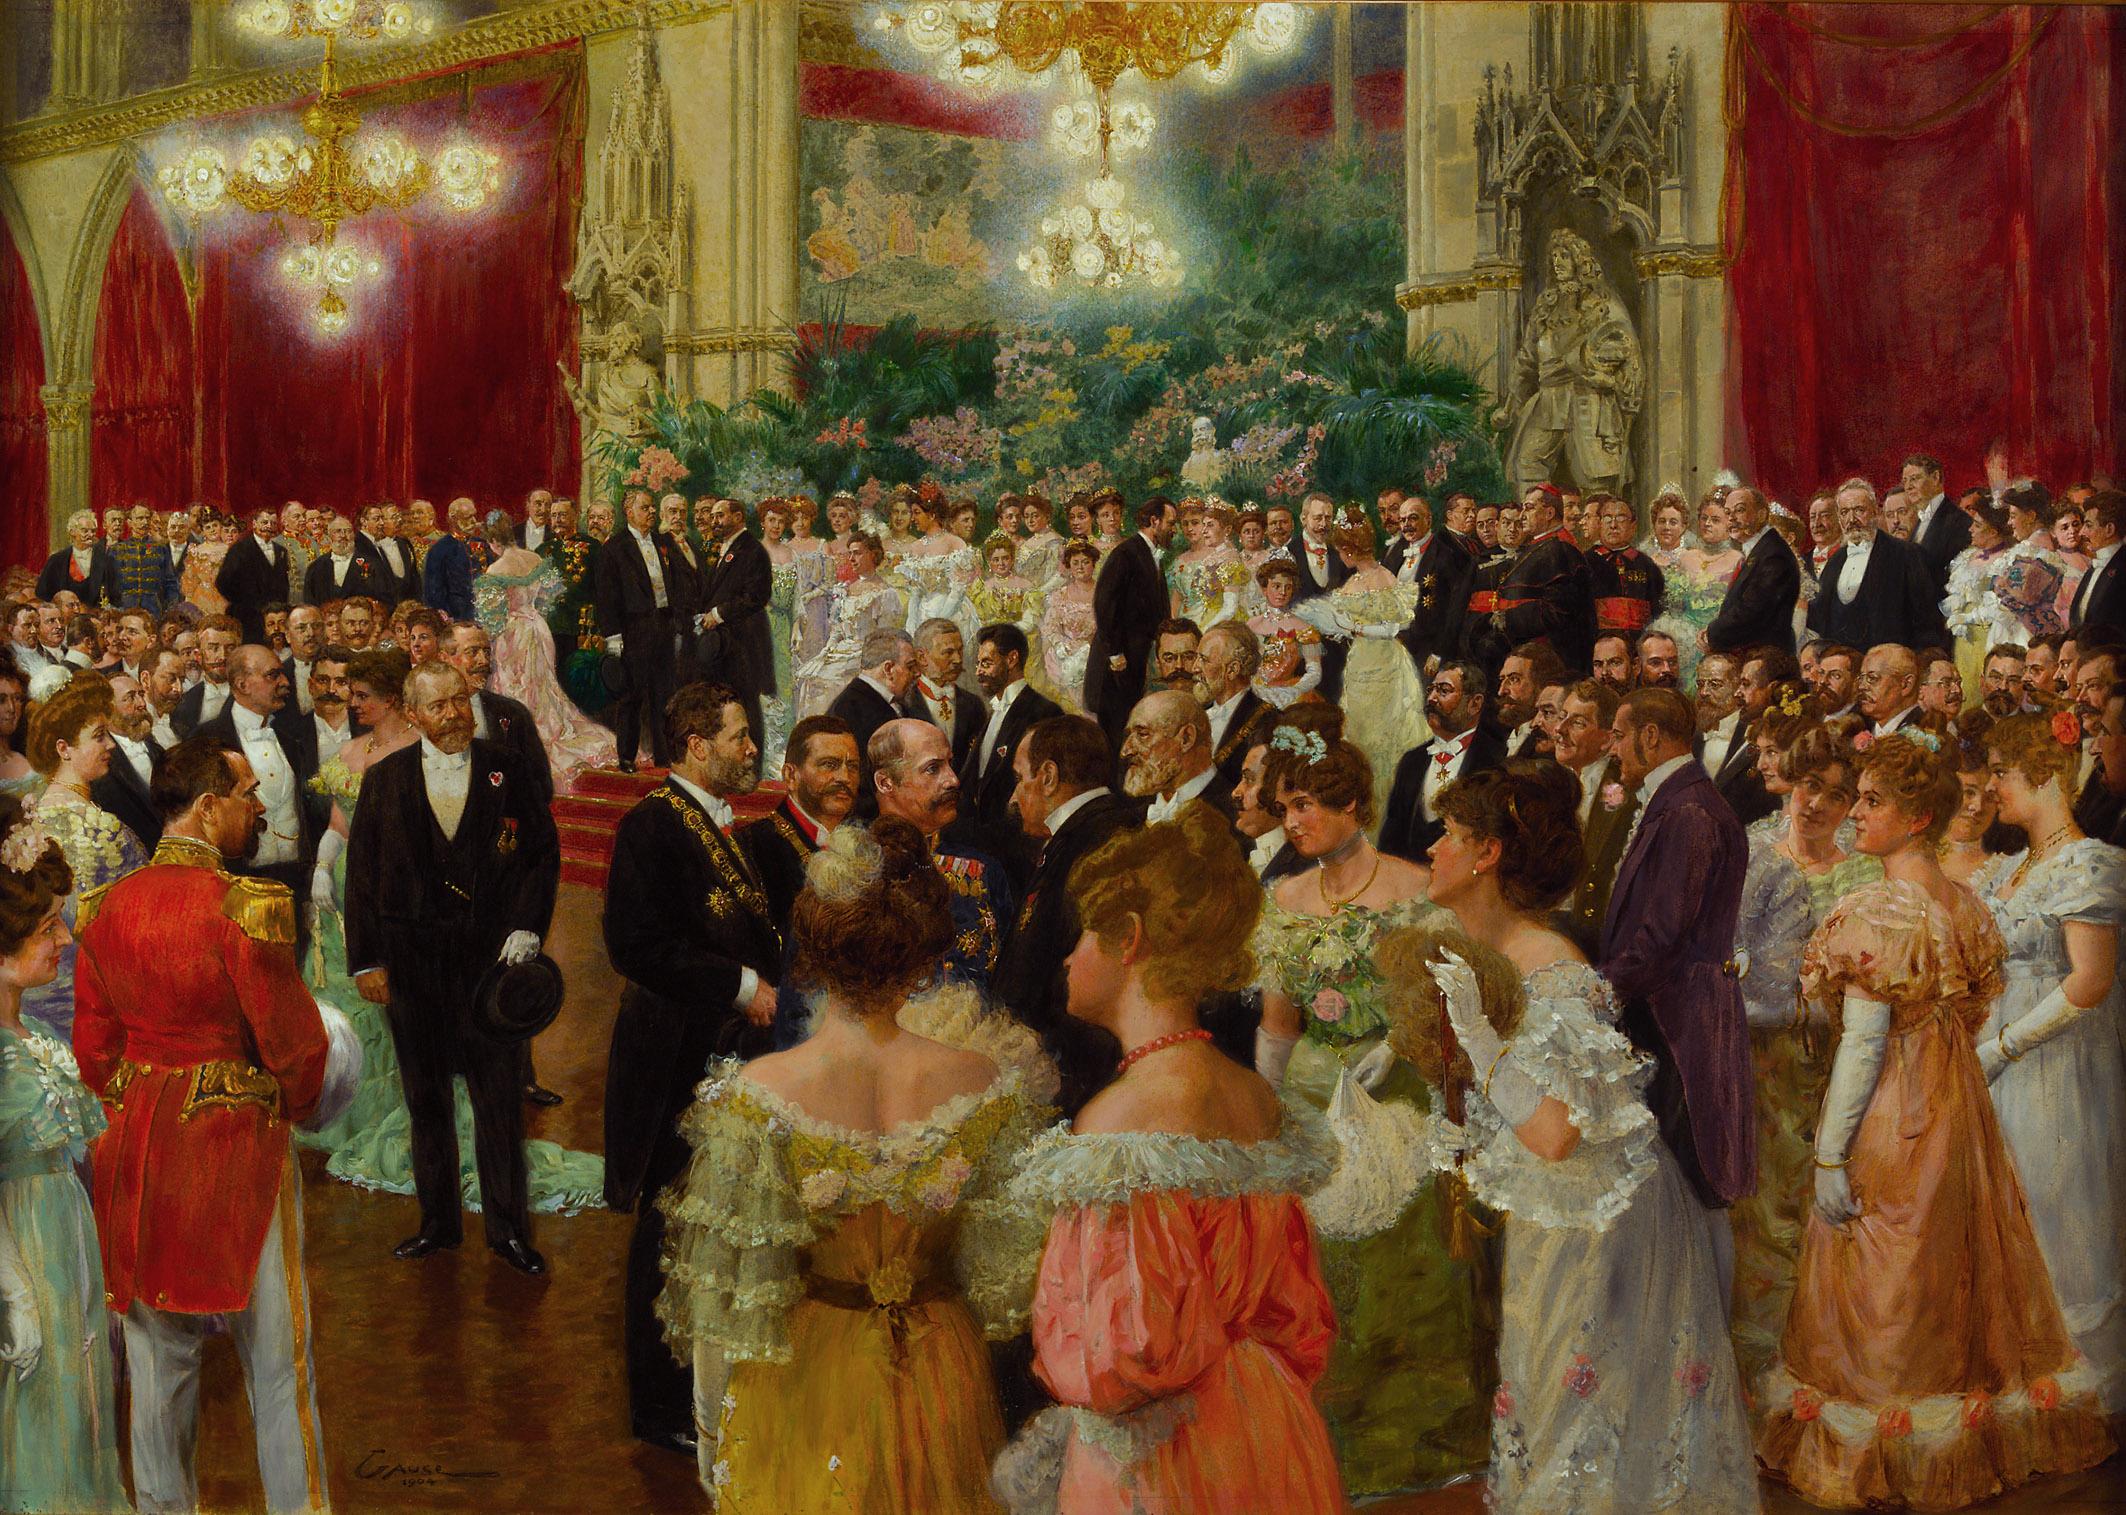 Bildergebnis für Wikimedia Commons Bilder Monarchie